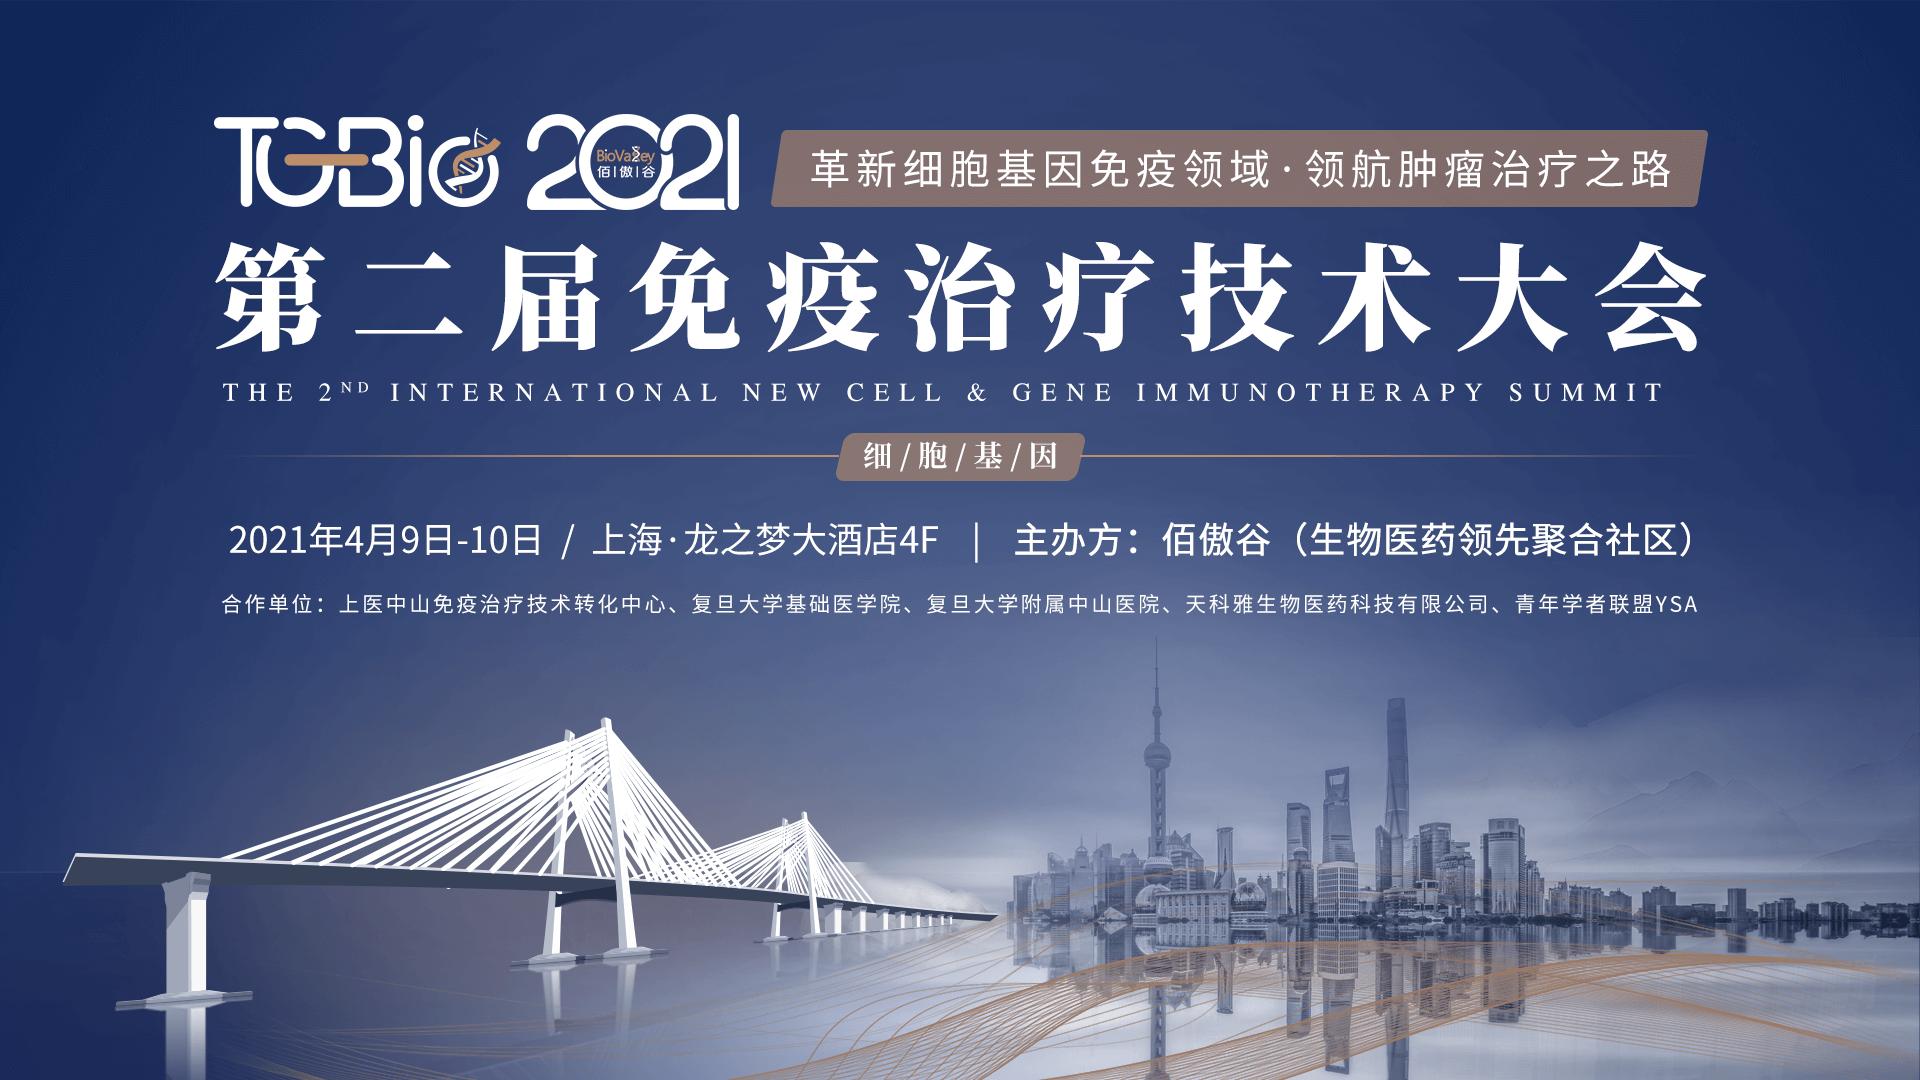 TG-Bio 2021年第二届免疫治疗技术大会